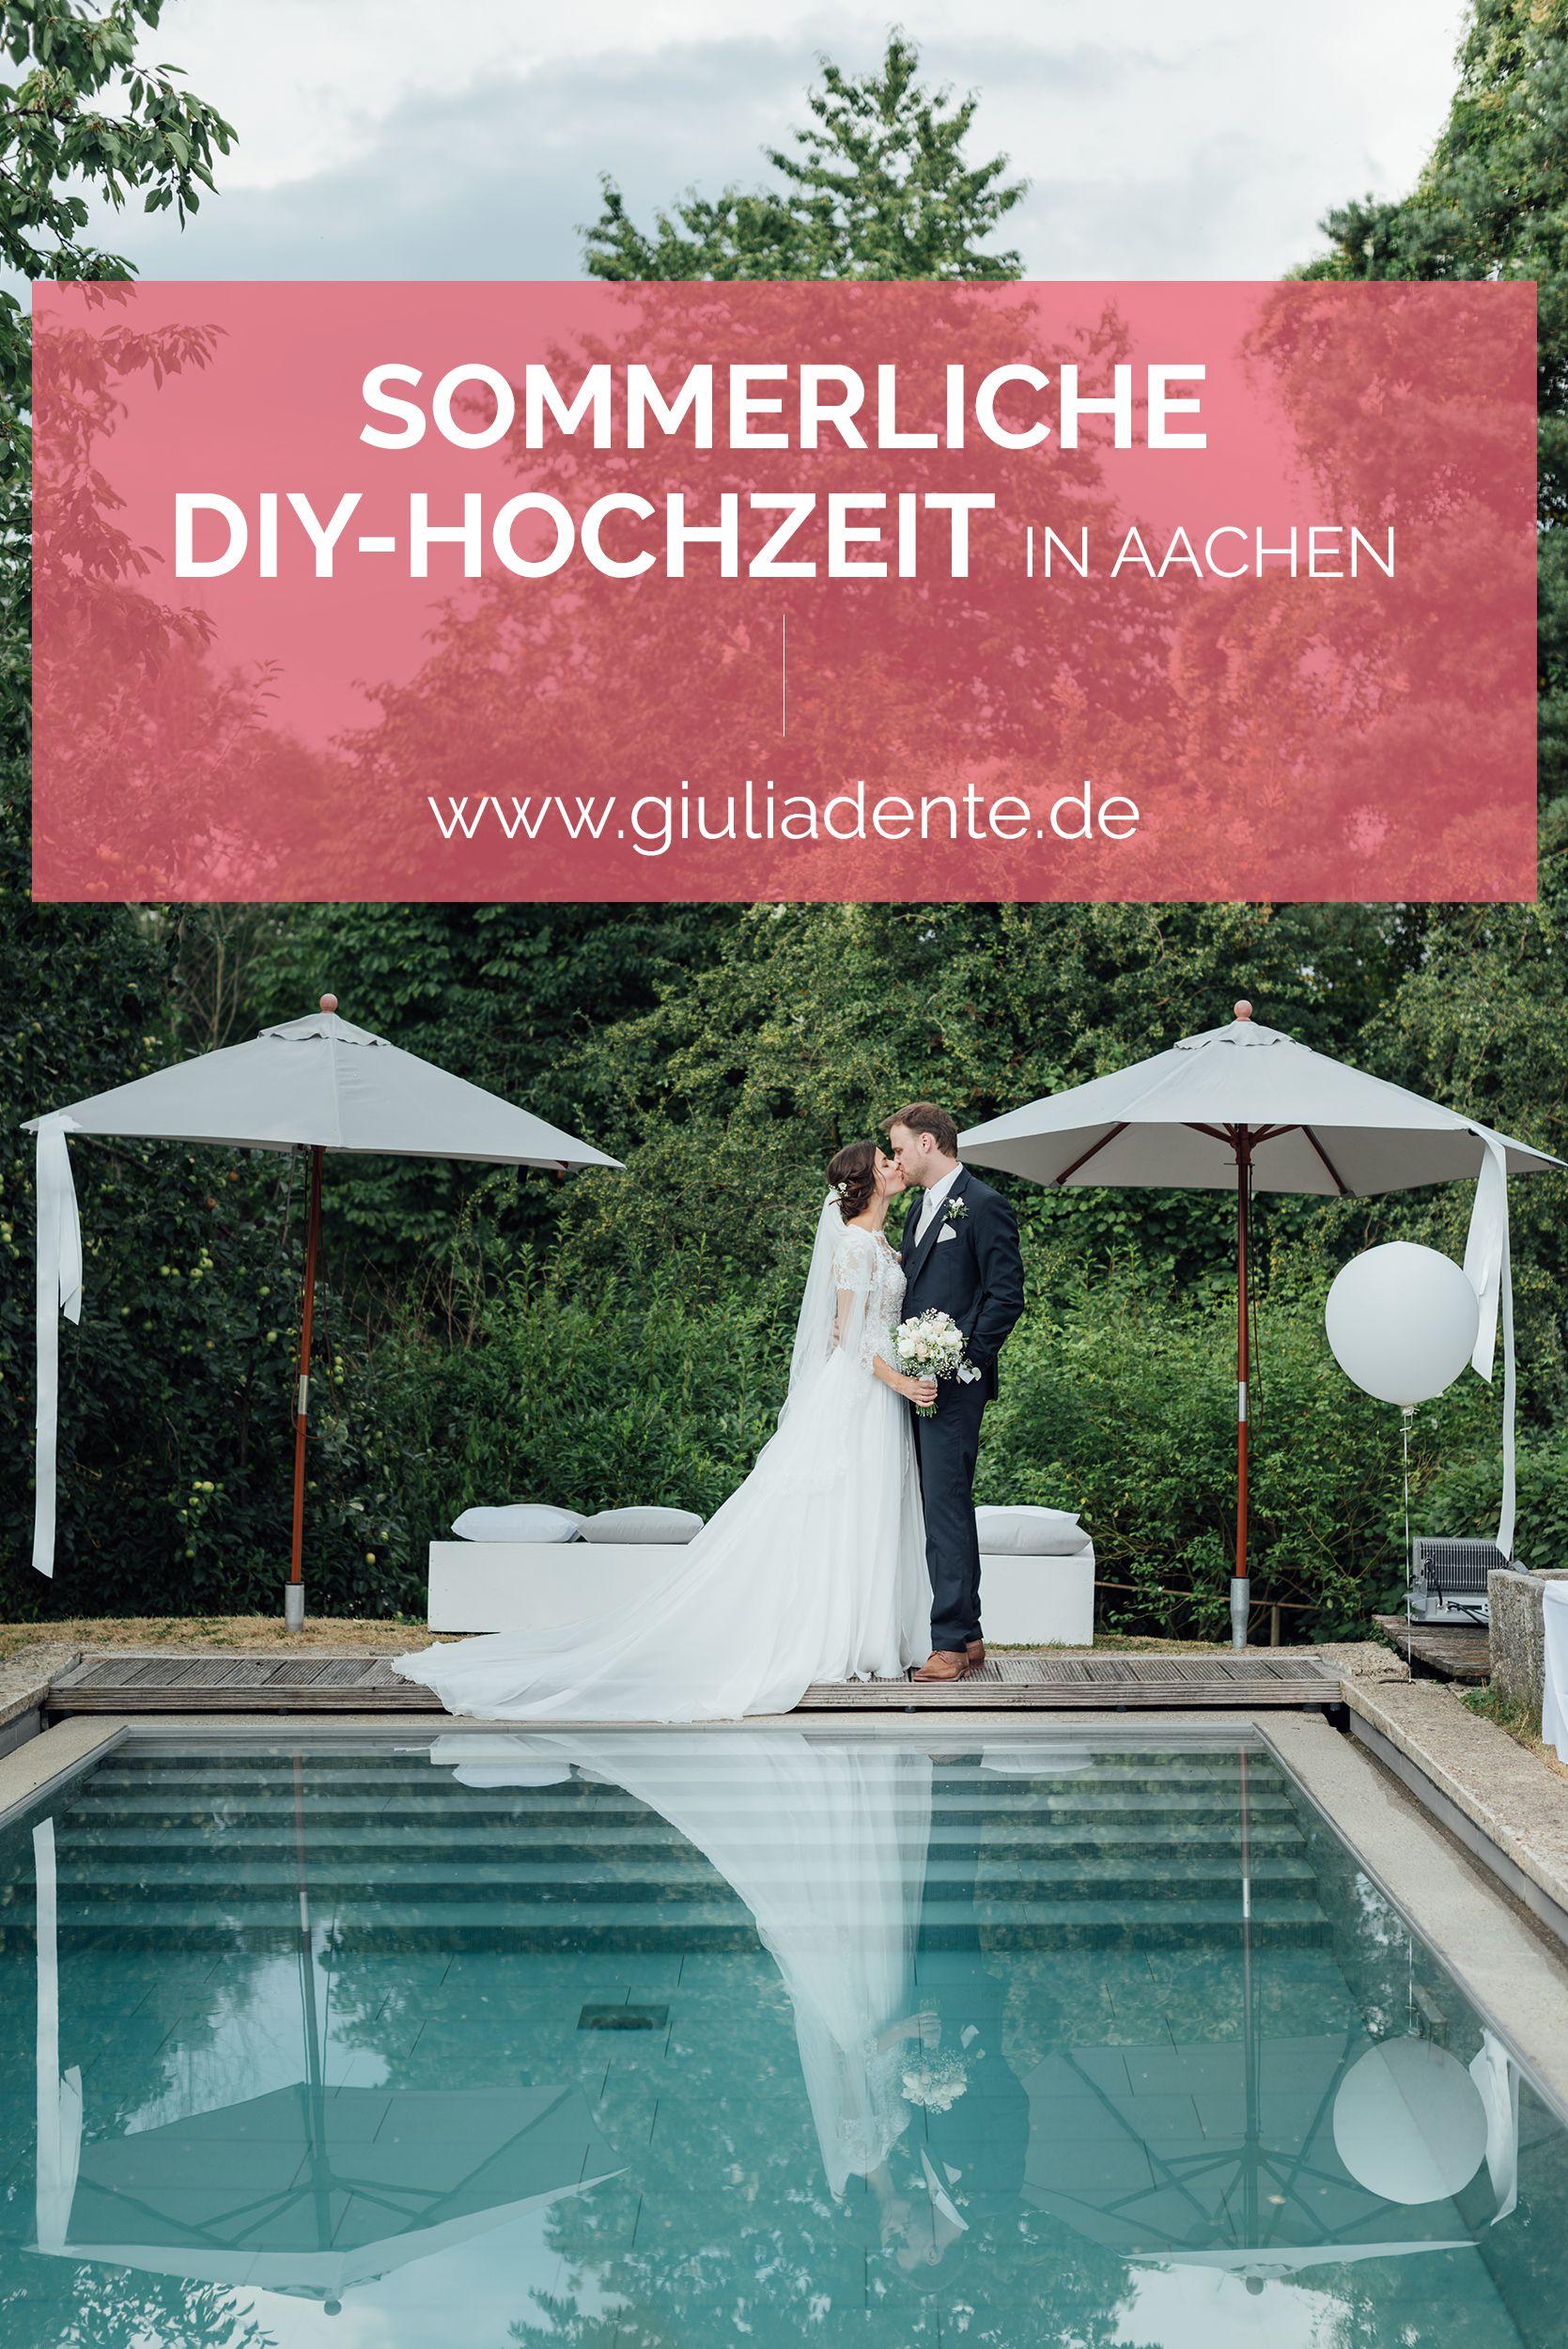 Sommerliche Diy Hochzeit In Aachen Diy Hochzeit Hochzeit Sommerhochzeit